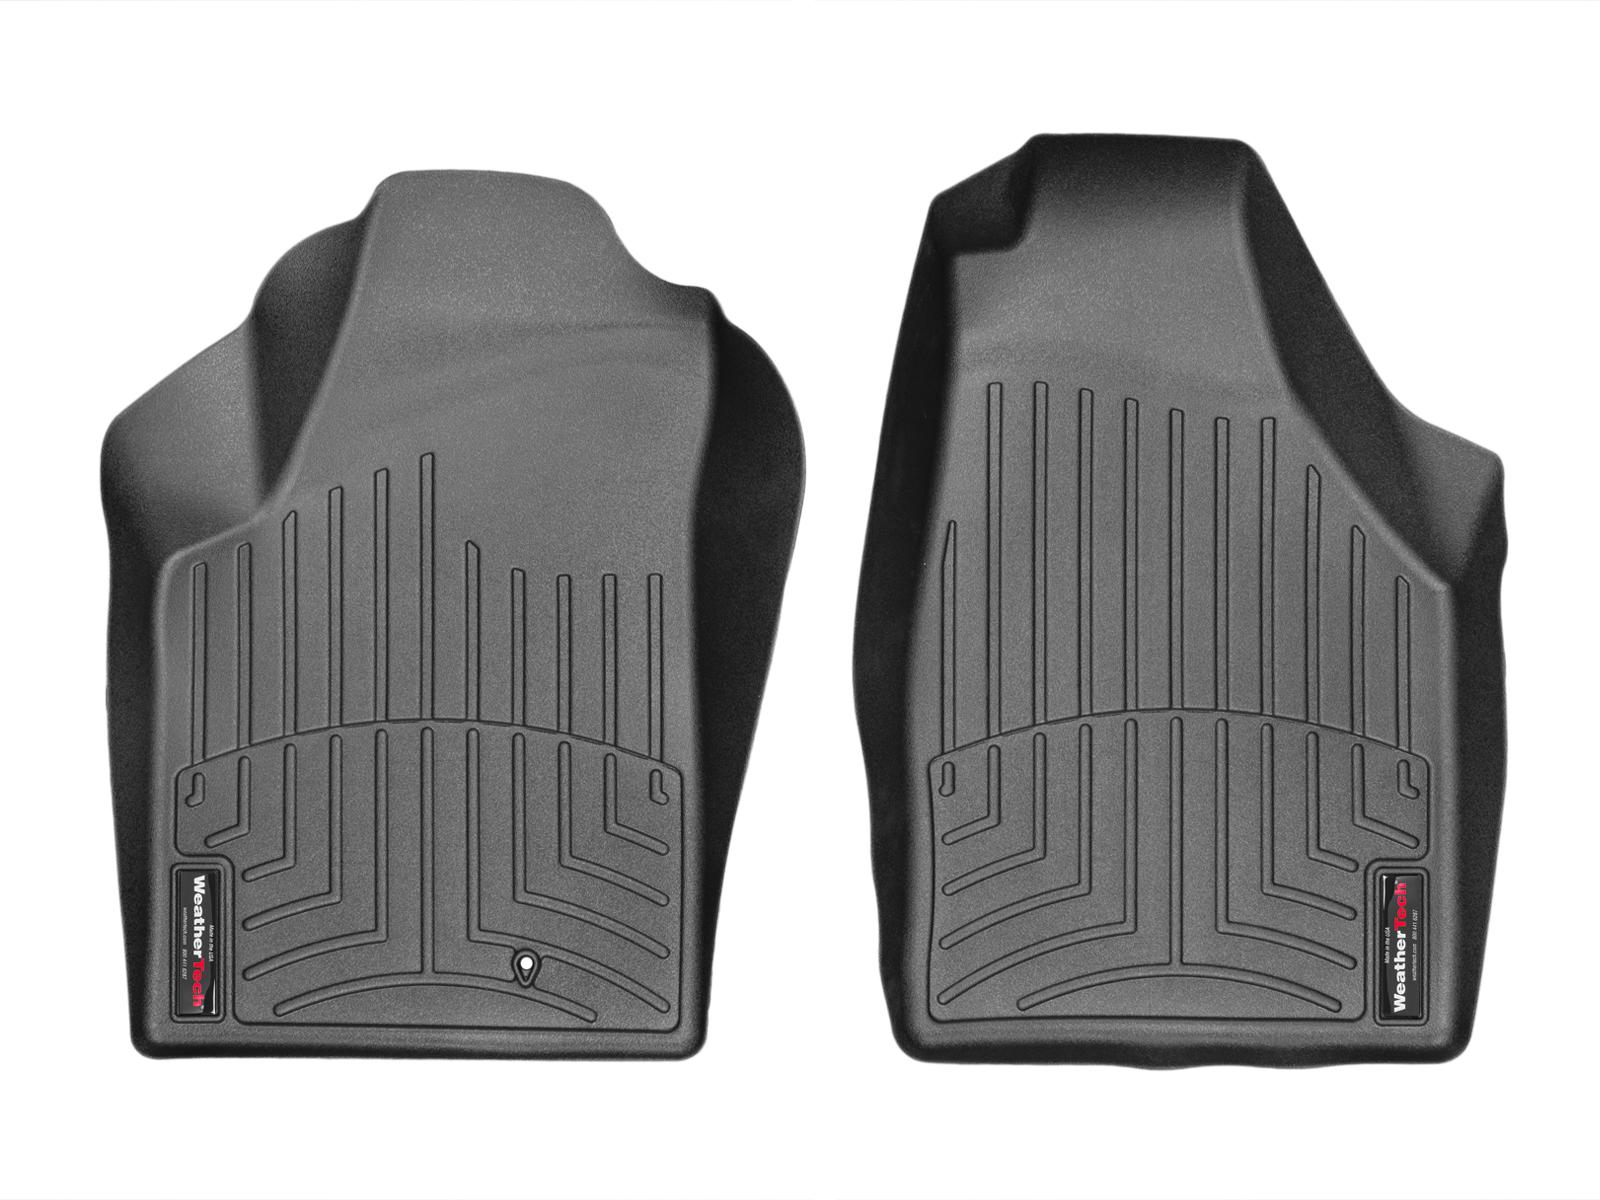 Tappeti gomma su misura bordo alto Fiat Idea 03>13 Nero A804*